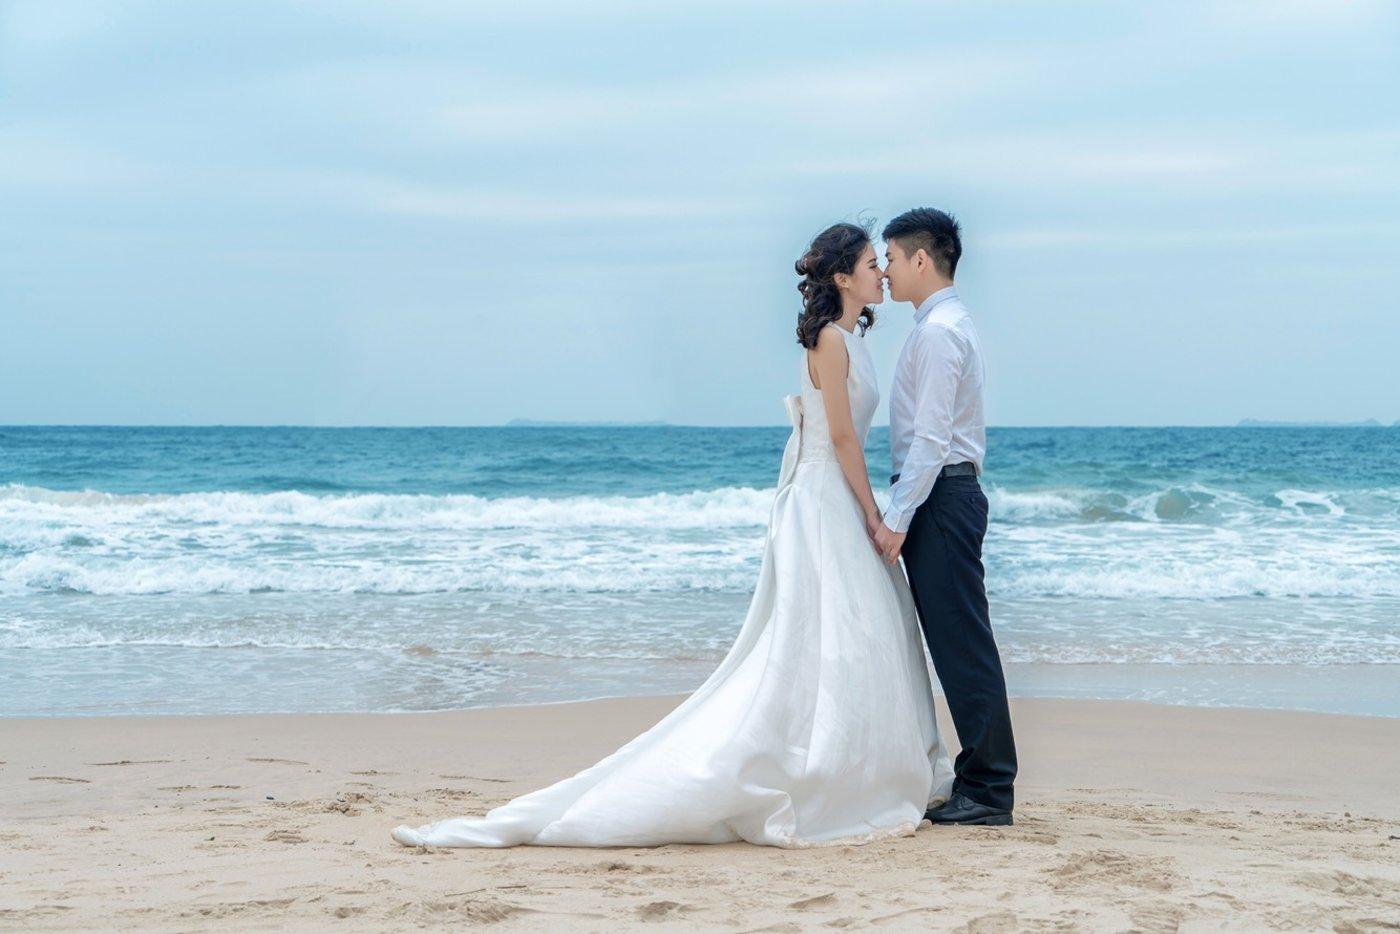 Mofoto 婚纱旅拍 香港9